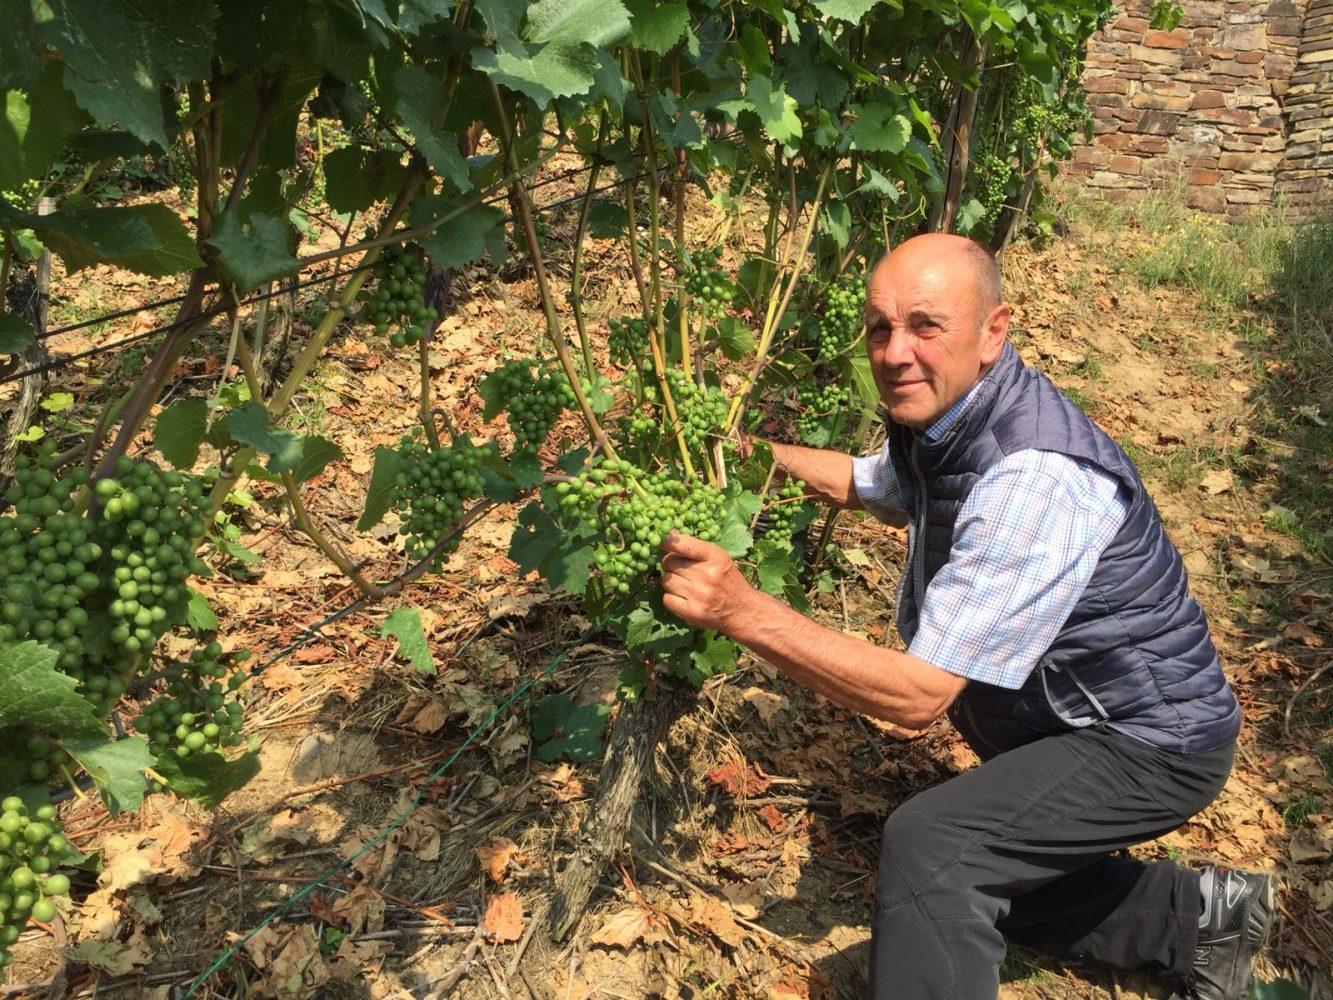 Weinbaupräsident Hubert Pauly erklärt die Funktion der Weinblätter für die Ertragsbildung